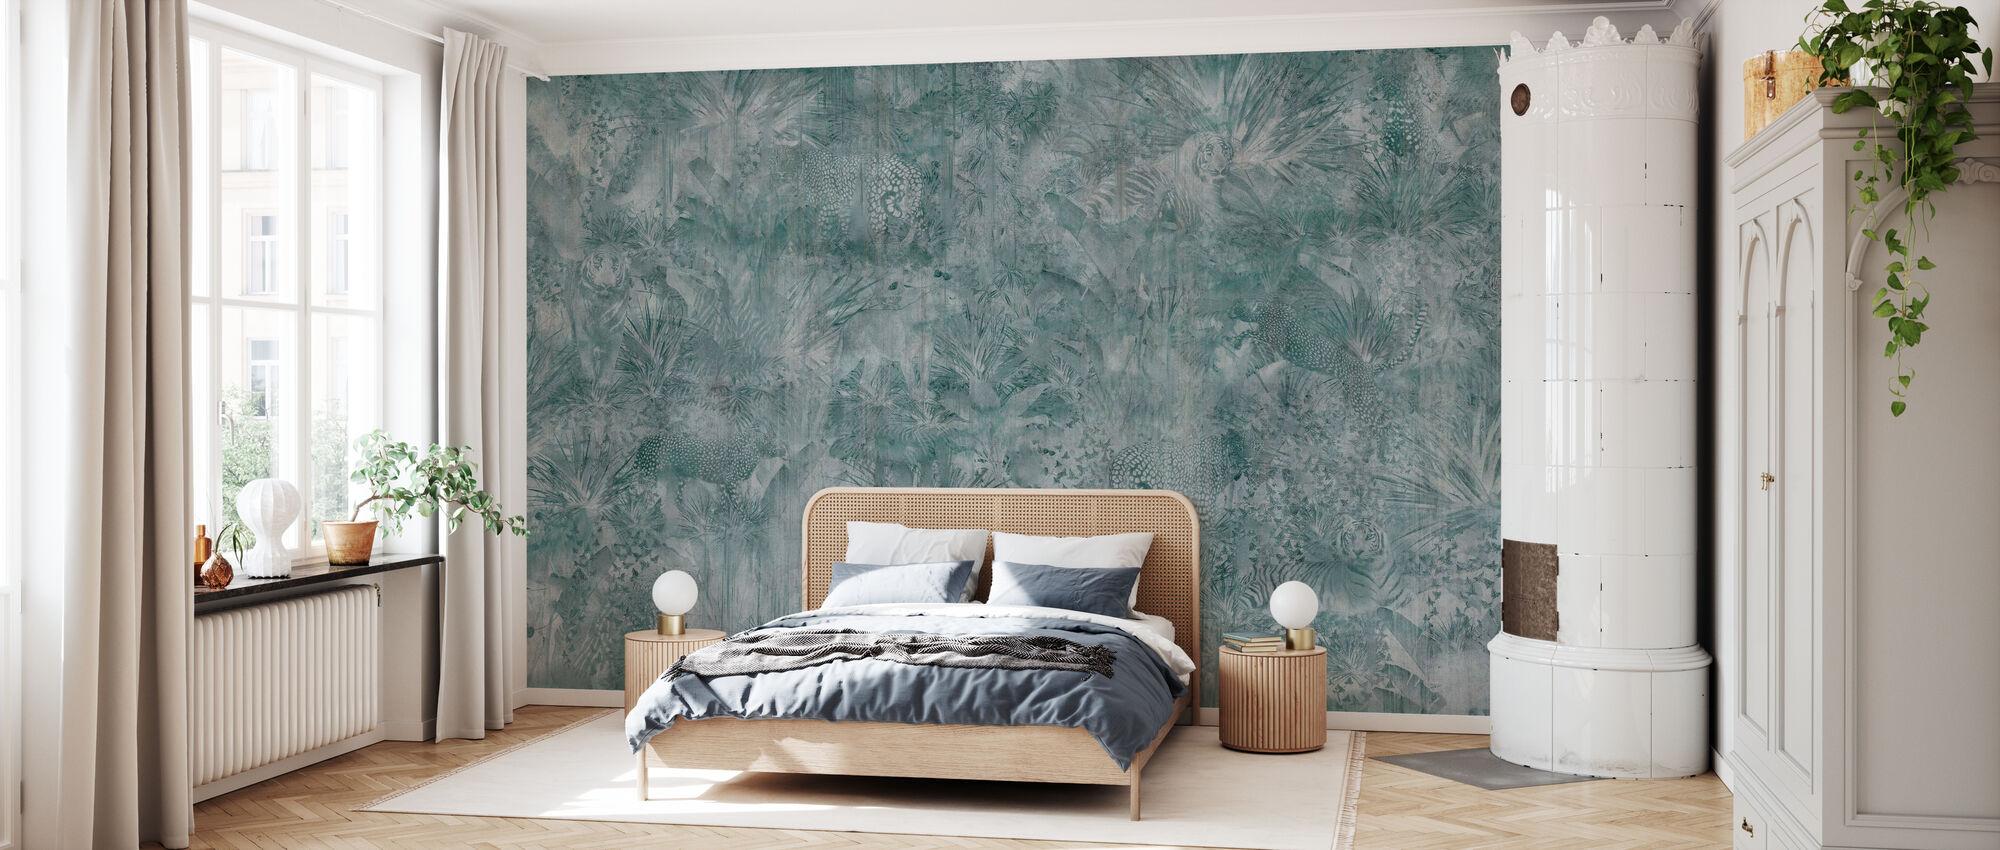 Tropische Panter - Groen - Behang - Slaapkamer